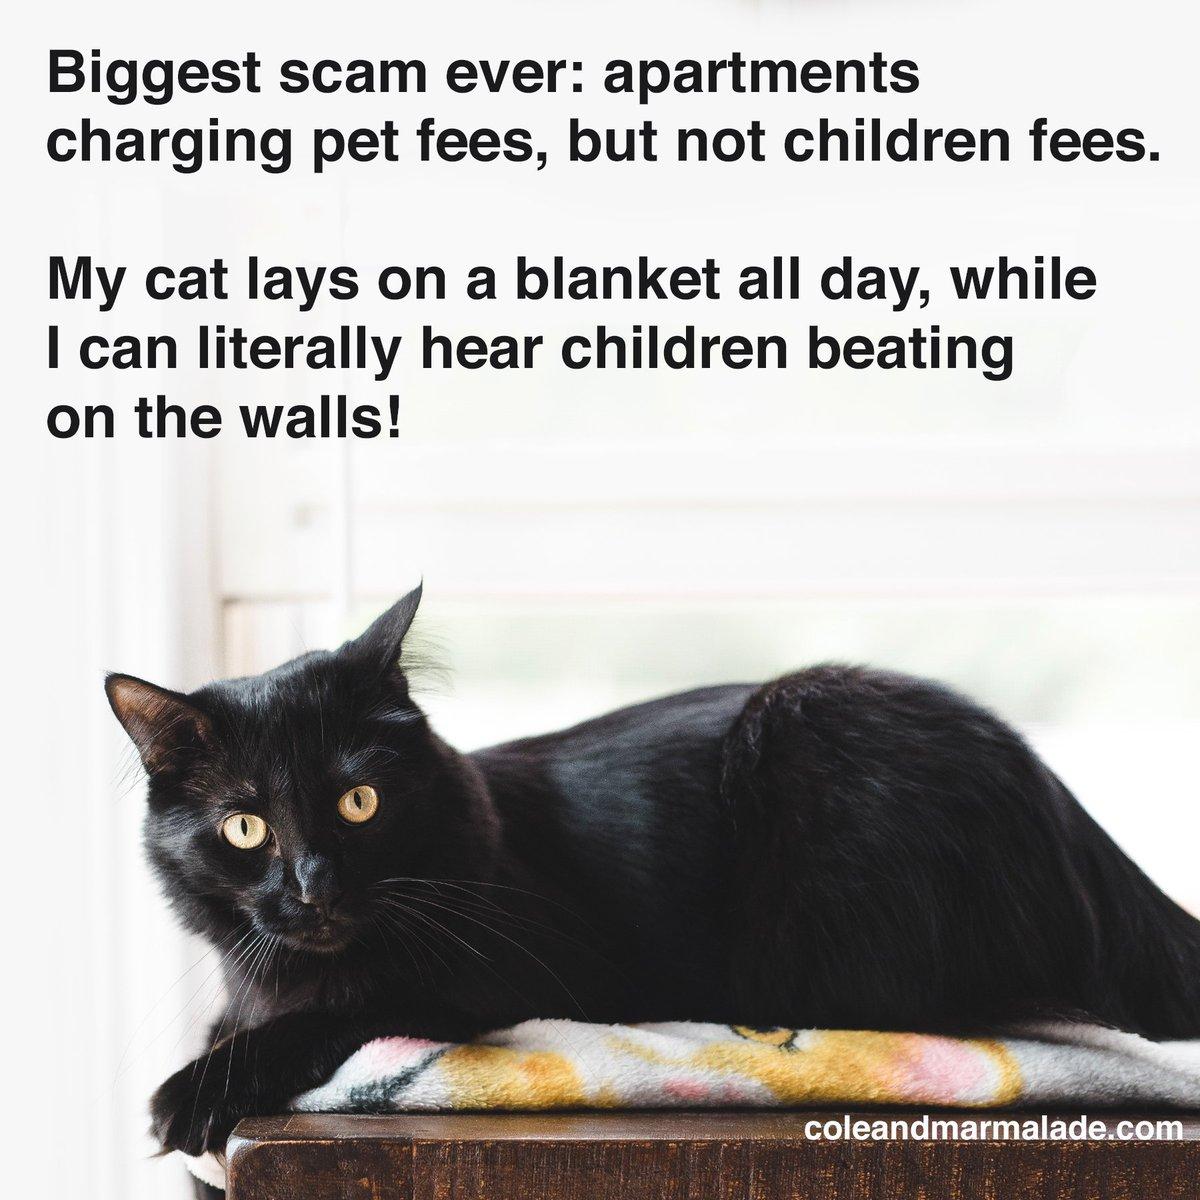 SO TRUE! 😠  #MyKidHasPaws #ColeAndMarmalade #CatsOfTwitter